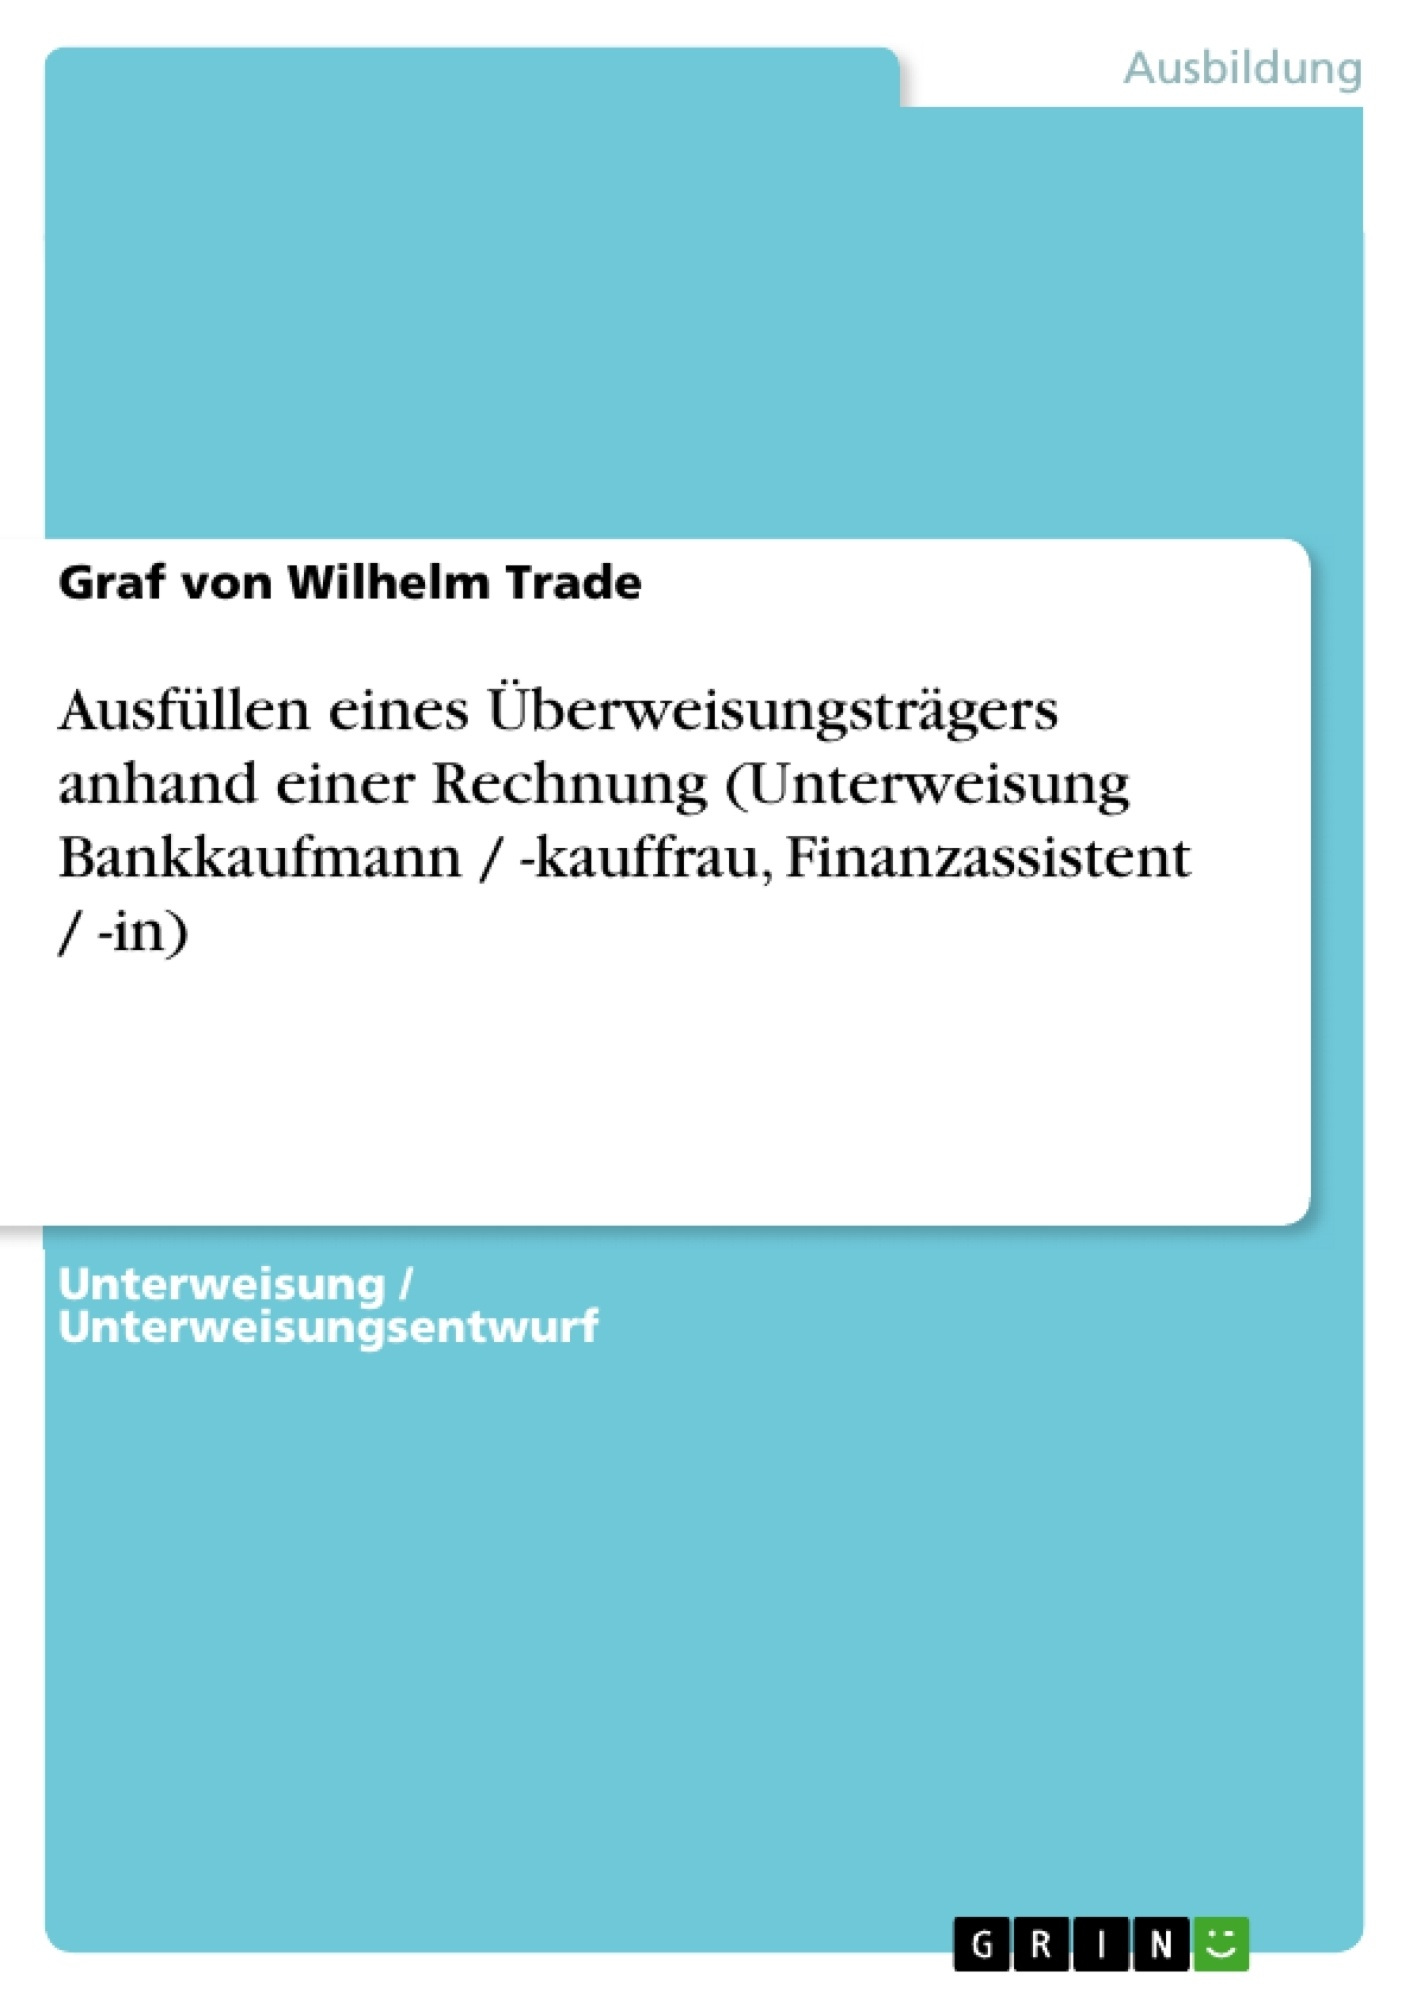 Titel: Ausfüllen eines Überweisungsträgers anhand einer Rechnung (Unterweisung Bankkaufmann / -kauffrau, Finanzassistent / -in)